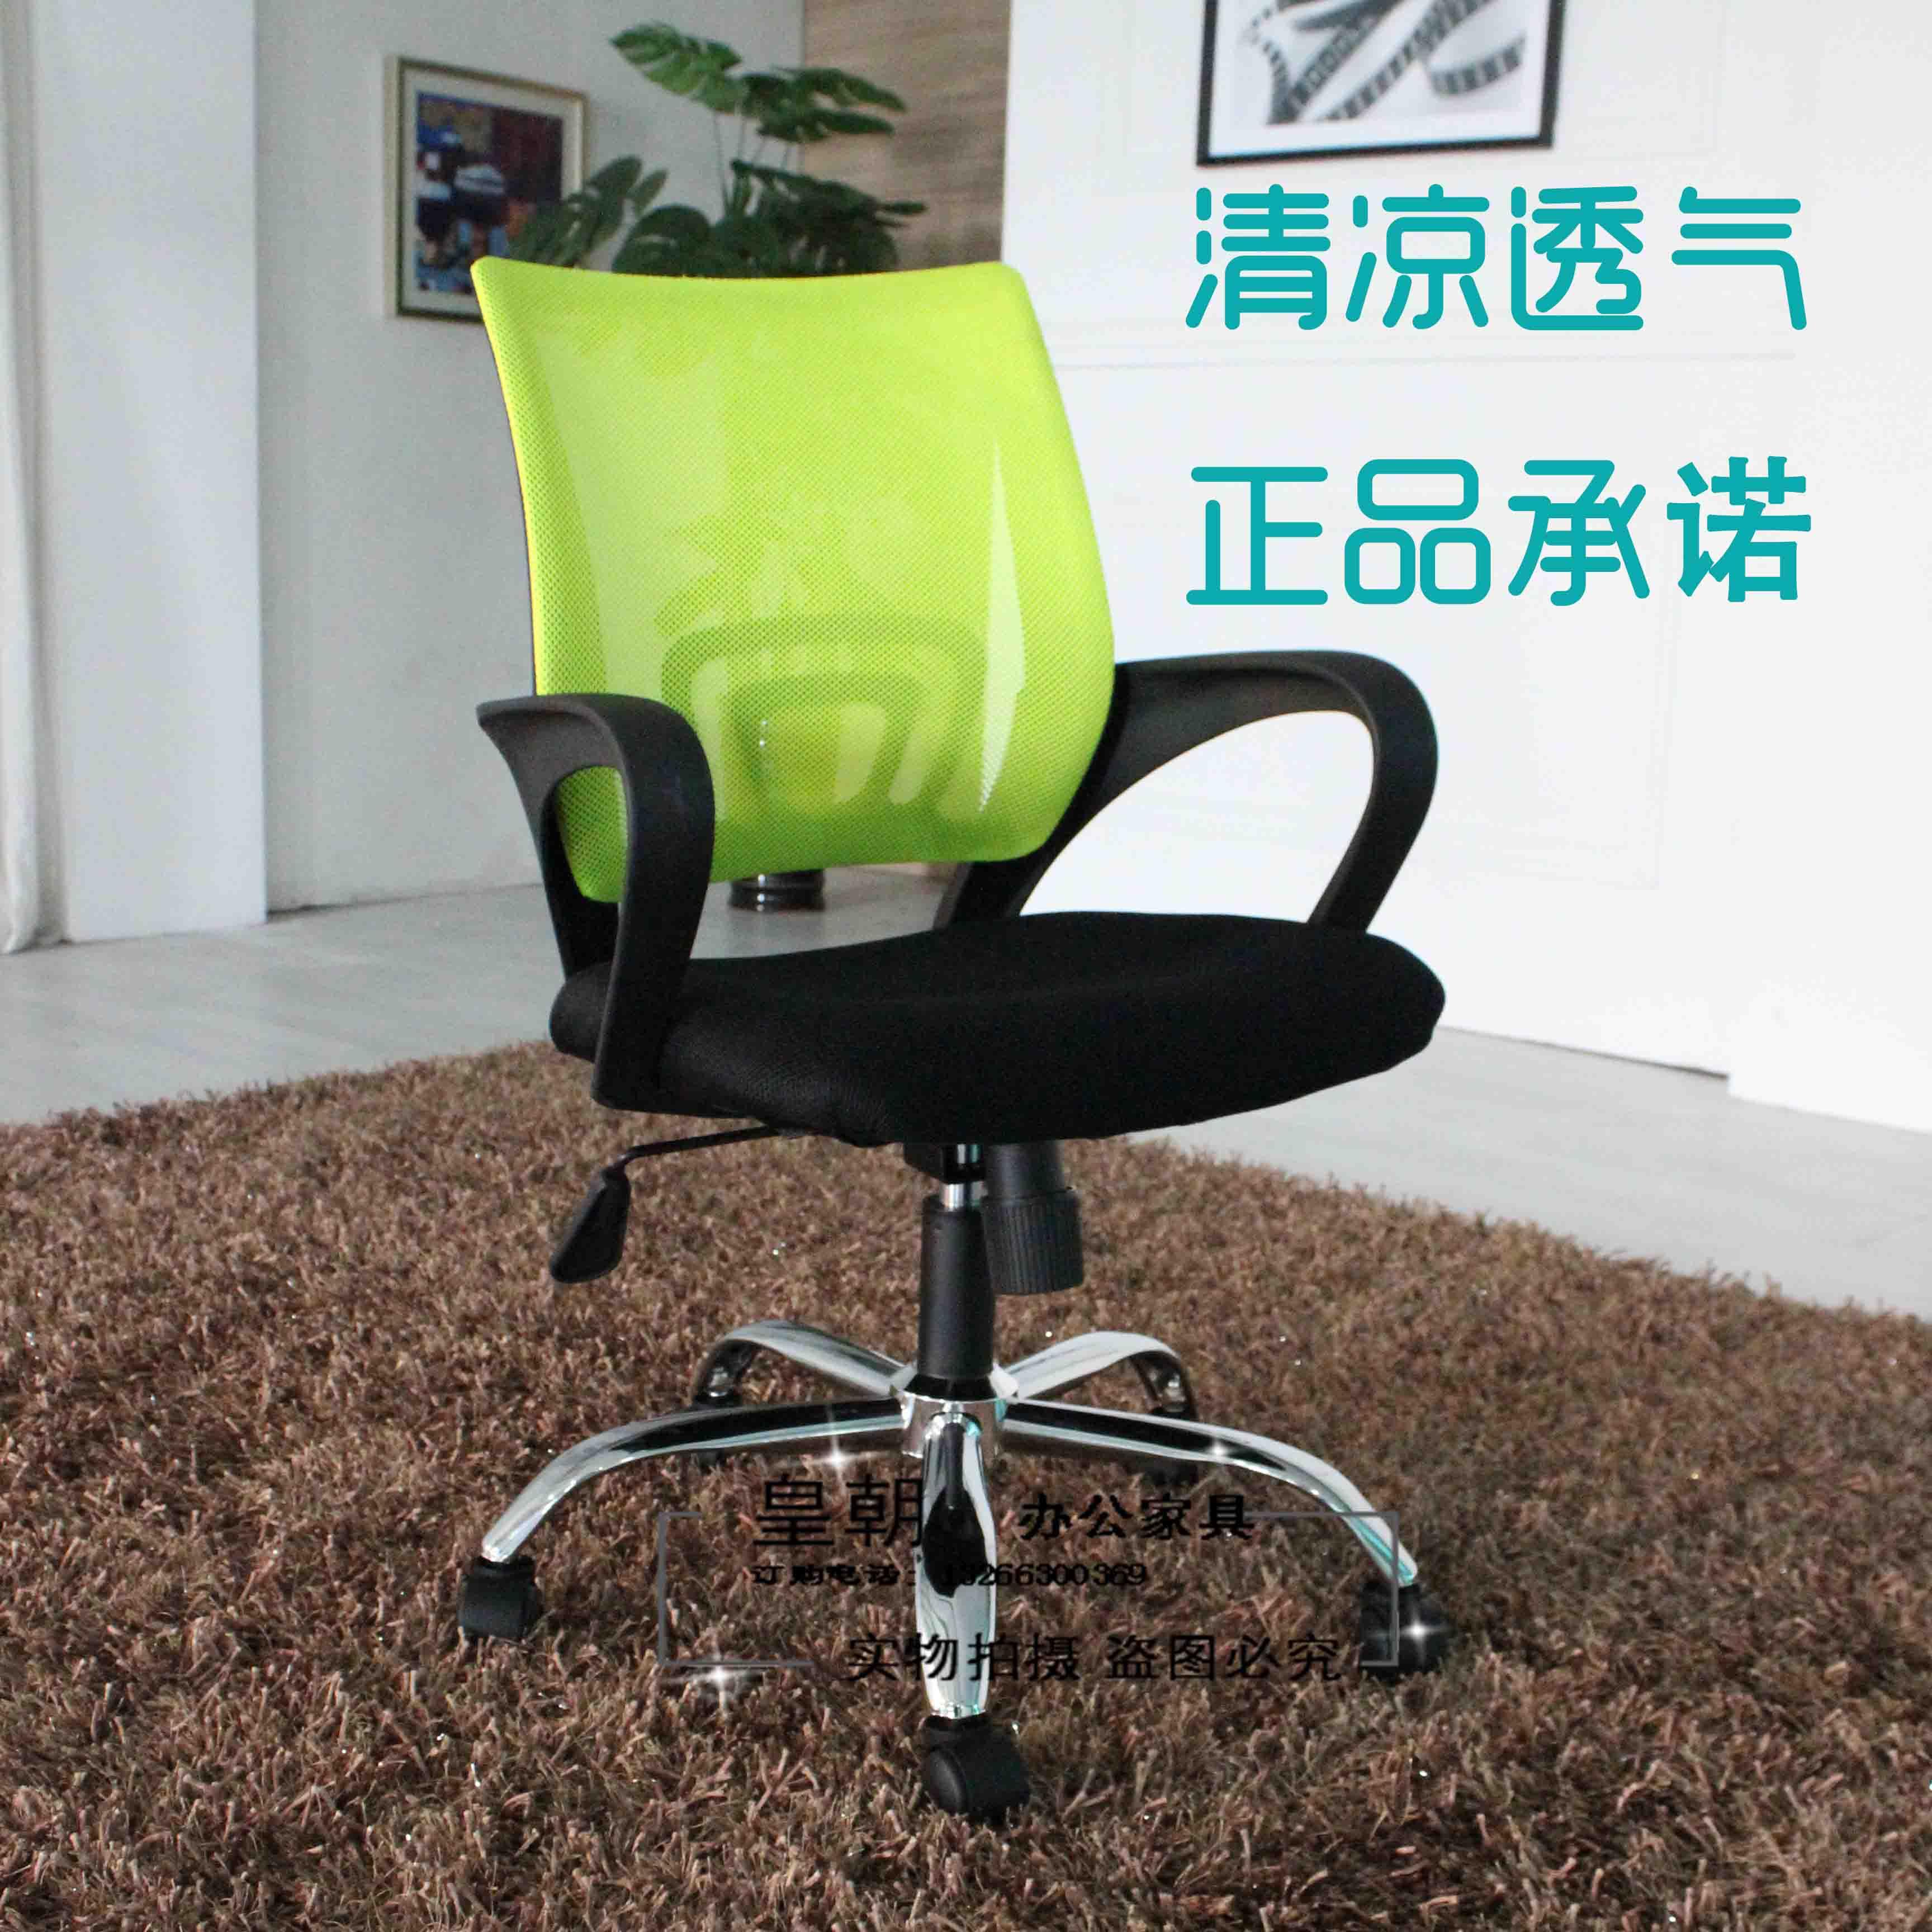 Спец. предложение Популярный стул офиса Домашний компьютерный стул Mesh Поворотный стул Простой стул для конференций Стул для персонала Старый панель кресло для отдыха кресло